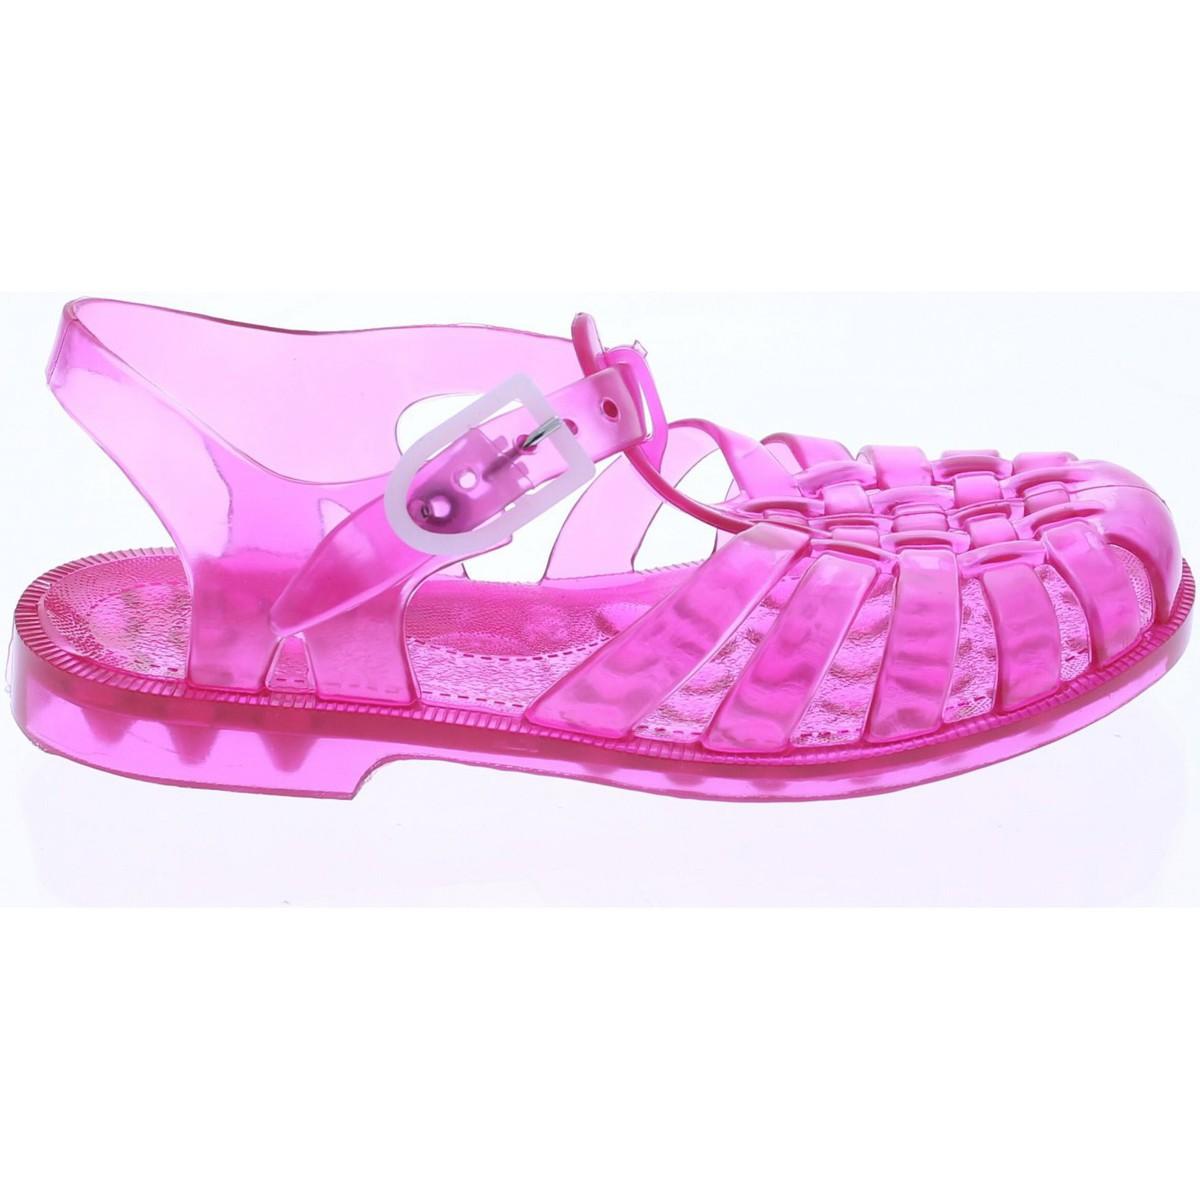 chaussures aquatiques m duse sandales fille en plastique. Black Bedroom Furniture Sets. Home Design Ideas